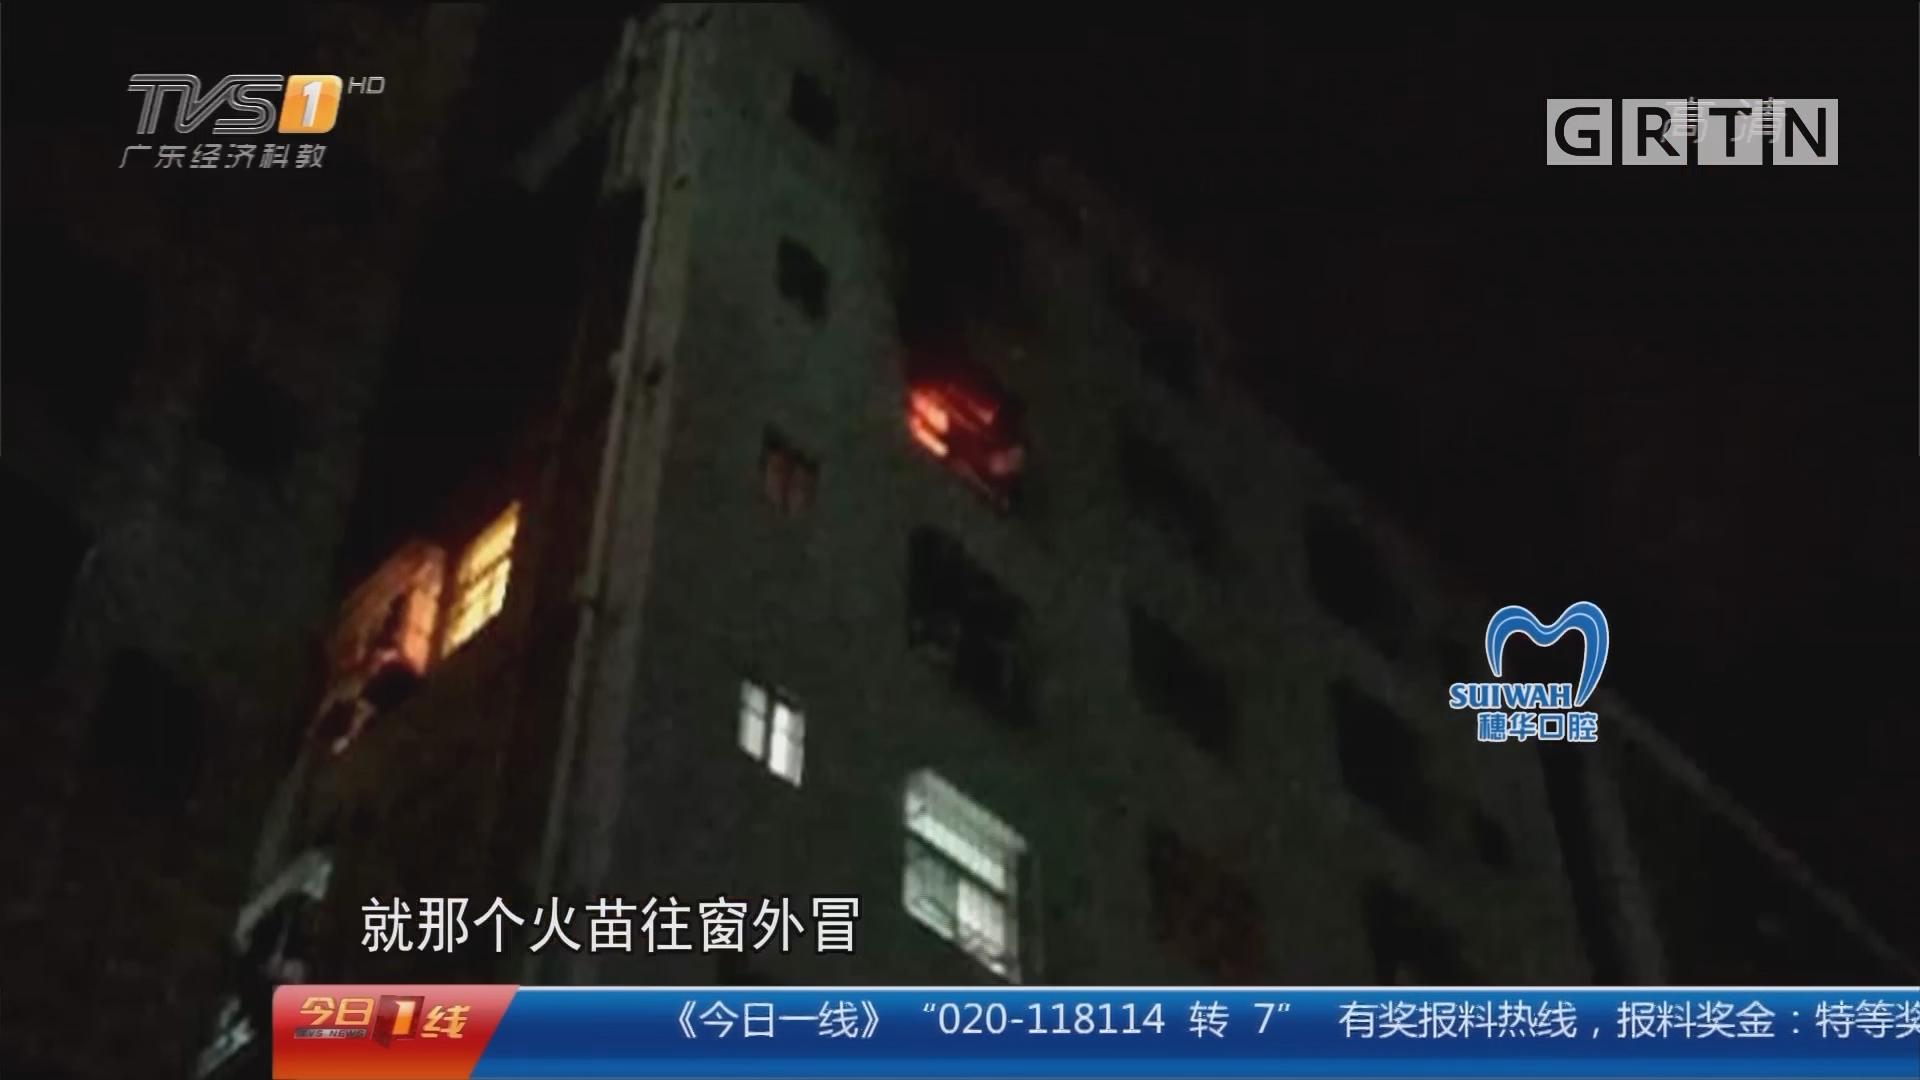 深圳龙华:出租屋深夜起火 一女子被困厕所昏迷